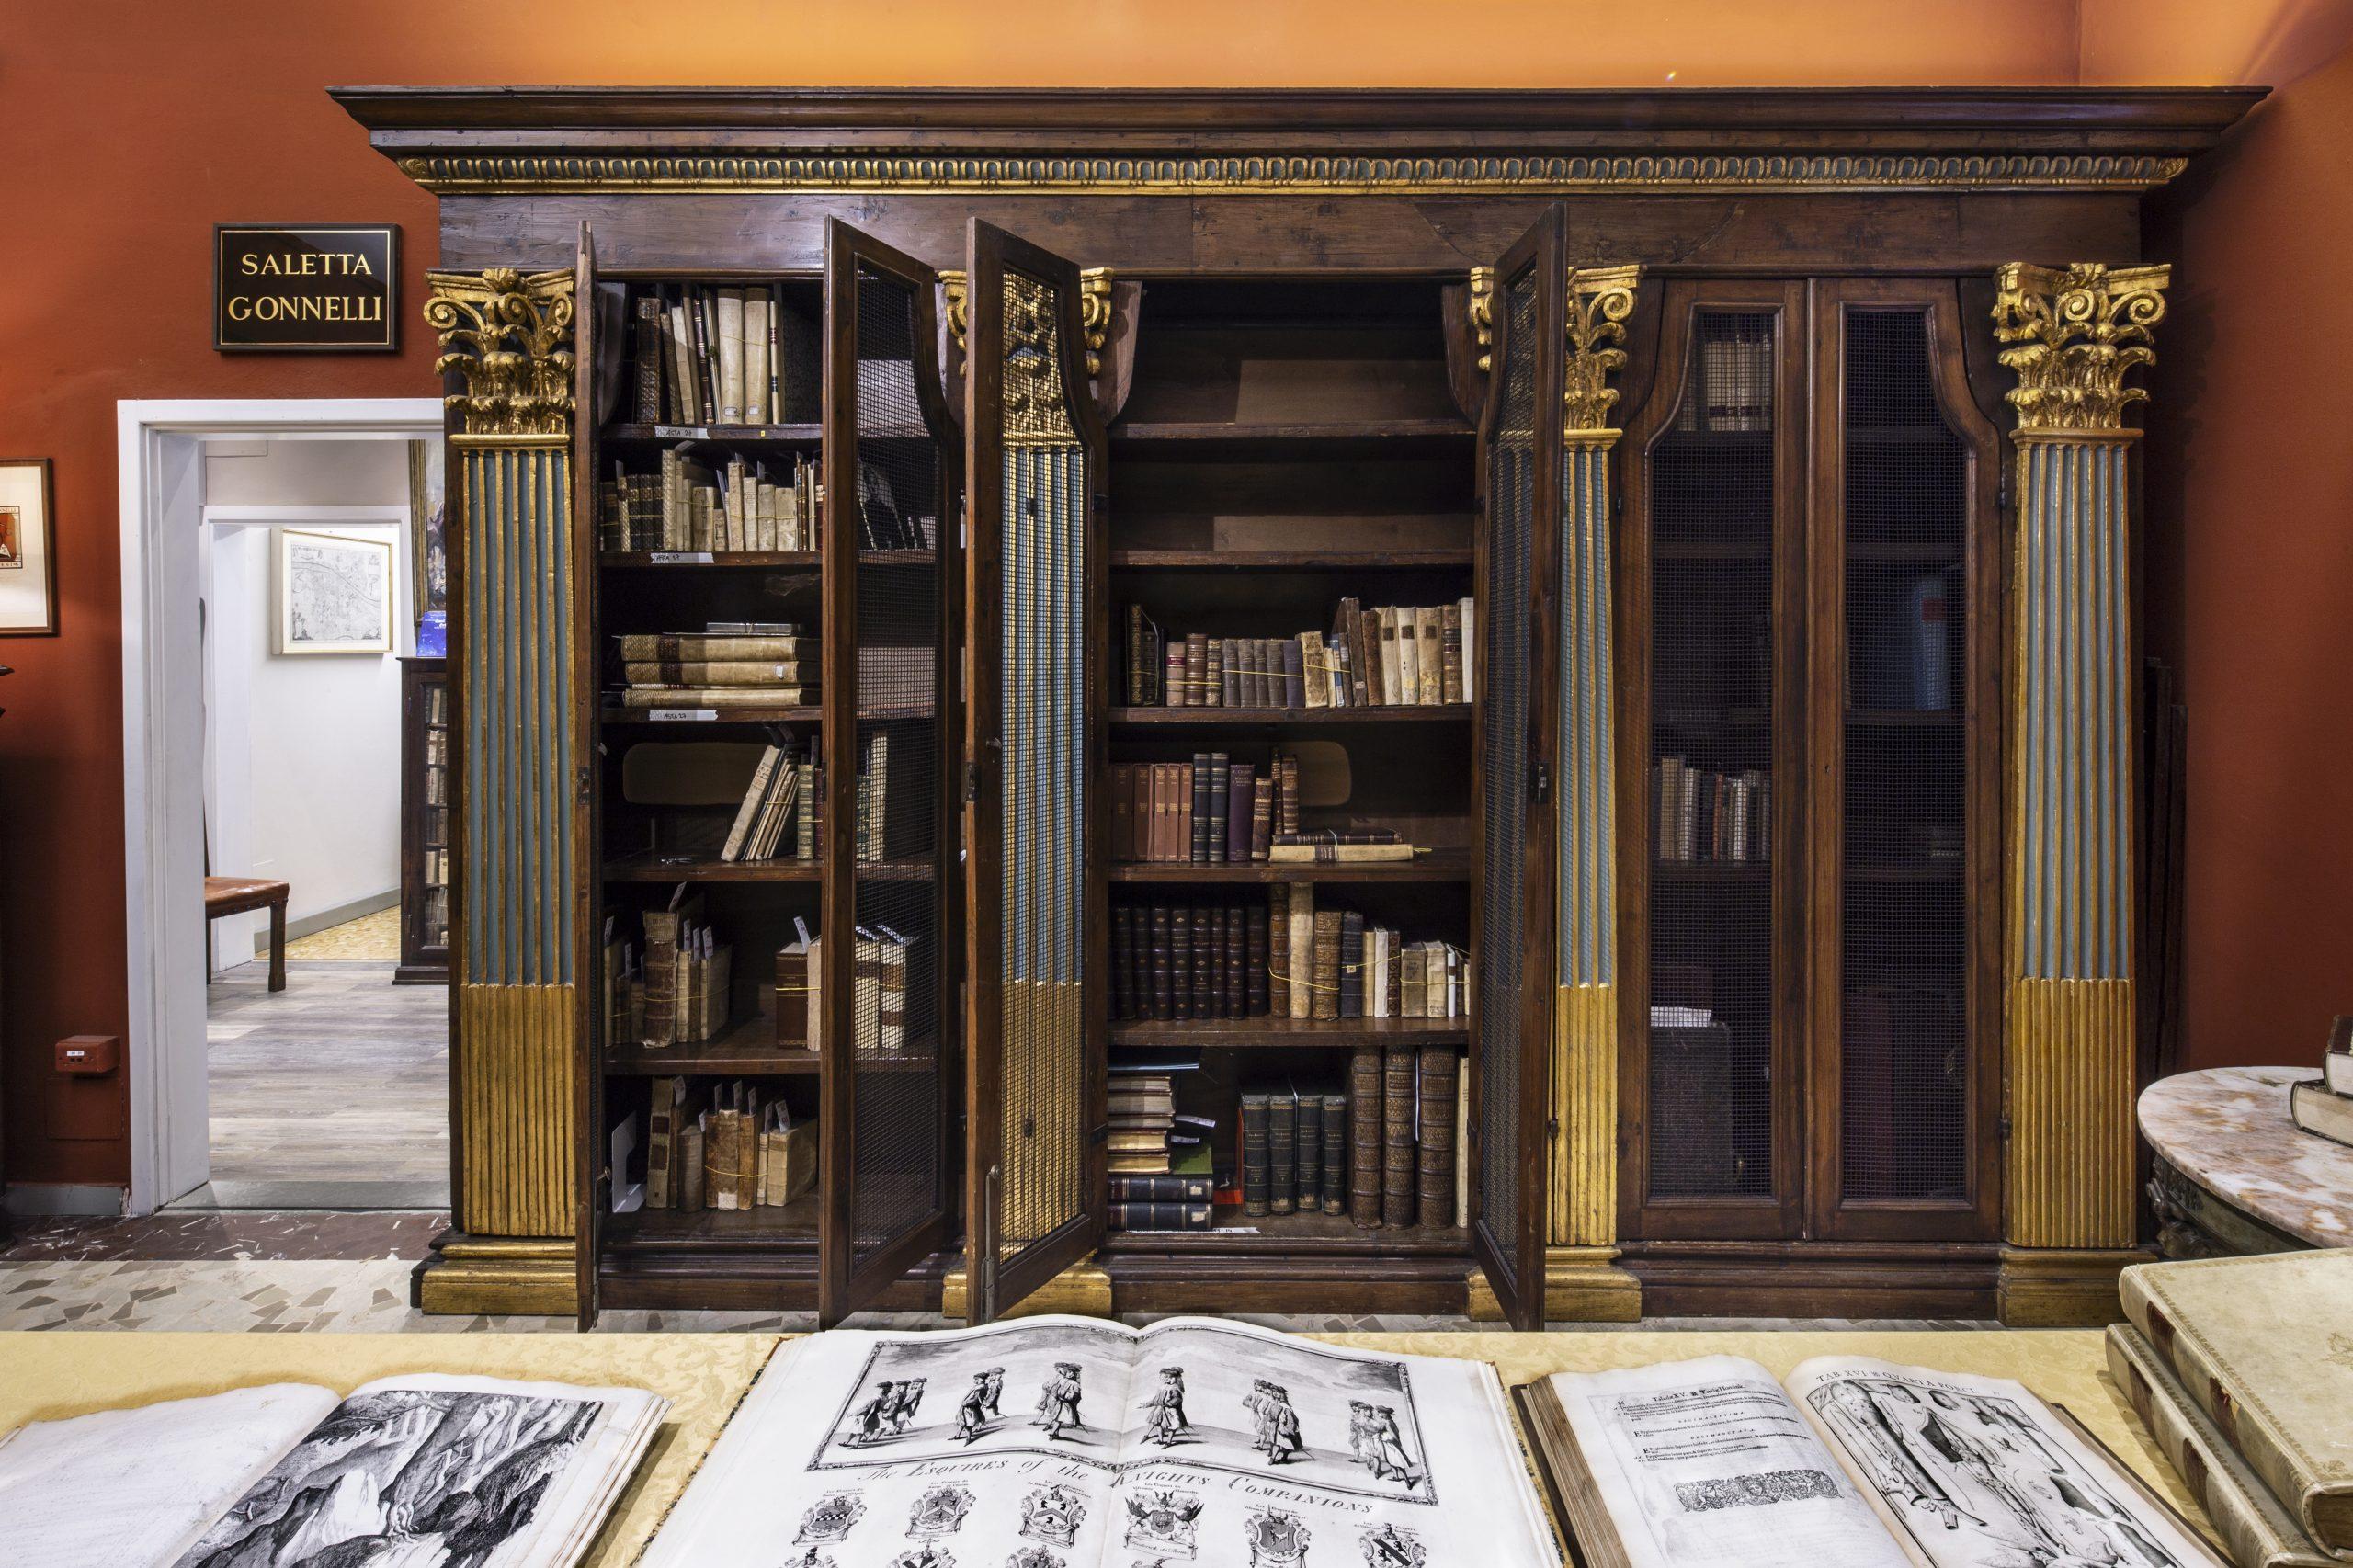 libreria-gonnelli